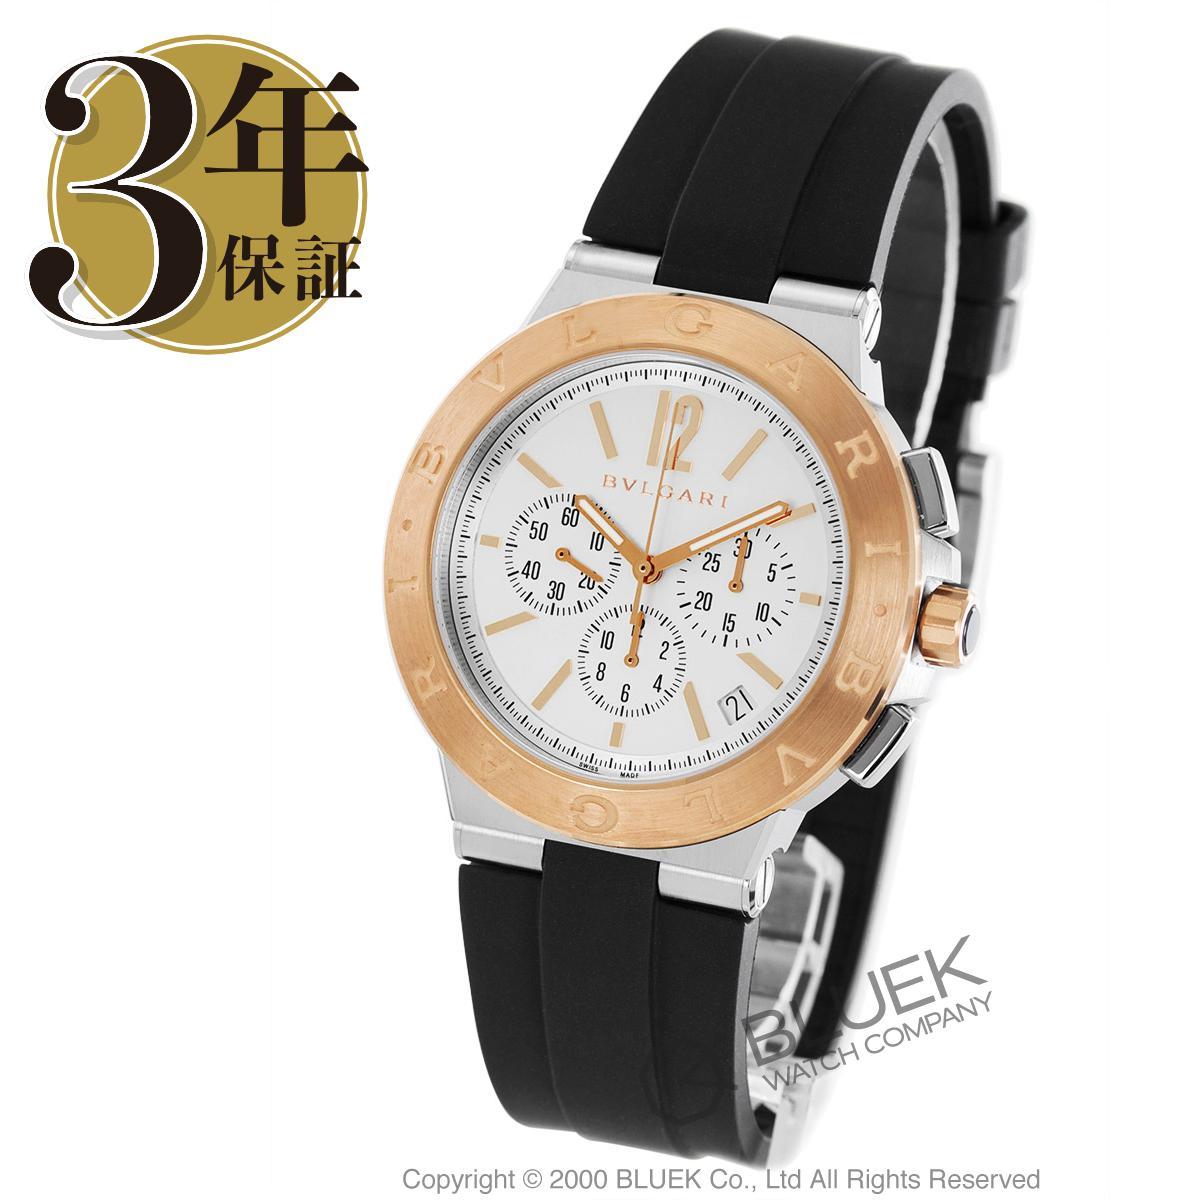 ブルガリ ディアゴノ ヴェロチッシモ クロノグラフ 替えベルト付き 腕時計 メンズ BVLGARI DG41WSPGVDCH-SET-BRW_8 バーゲン 成人祝い ギフト プレゼント